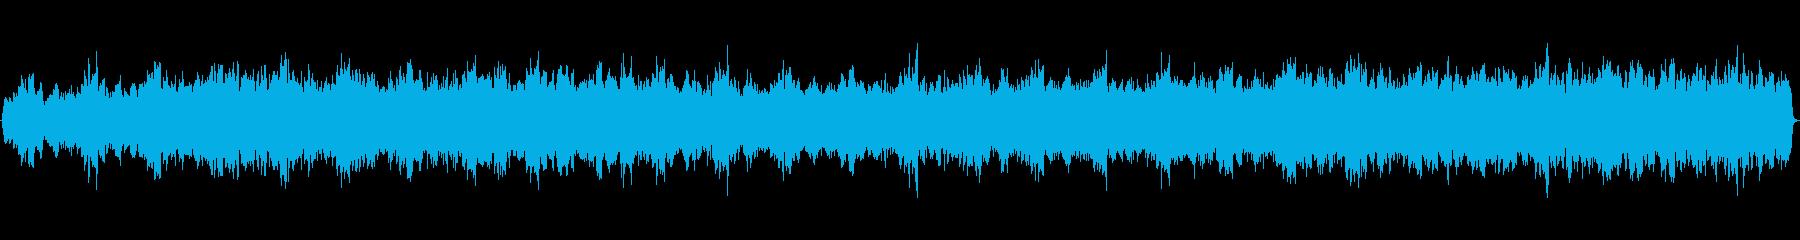 パッヘルベルのカノンの再生済みの波形